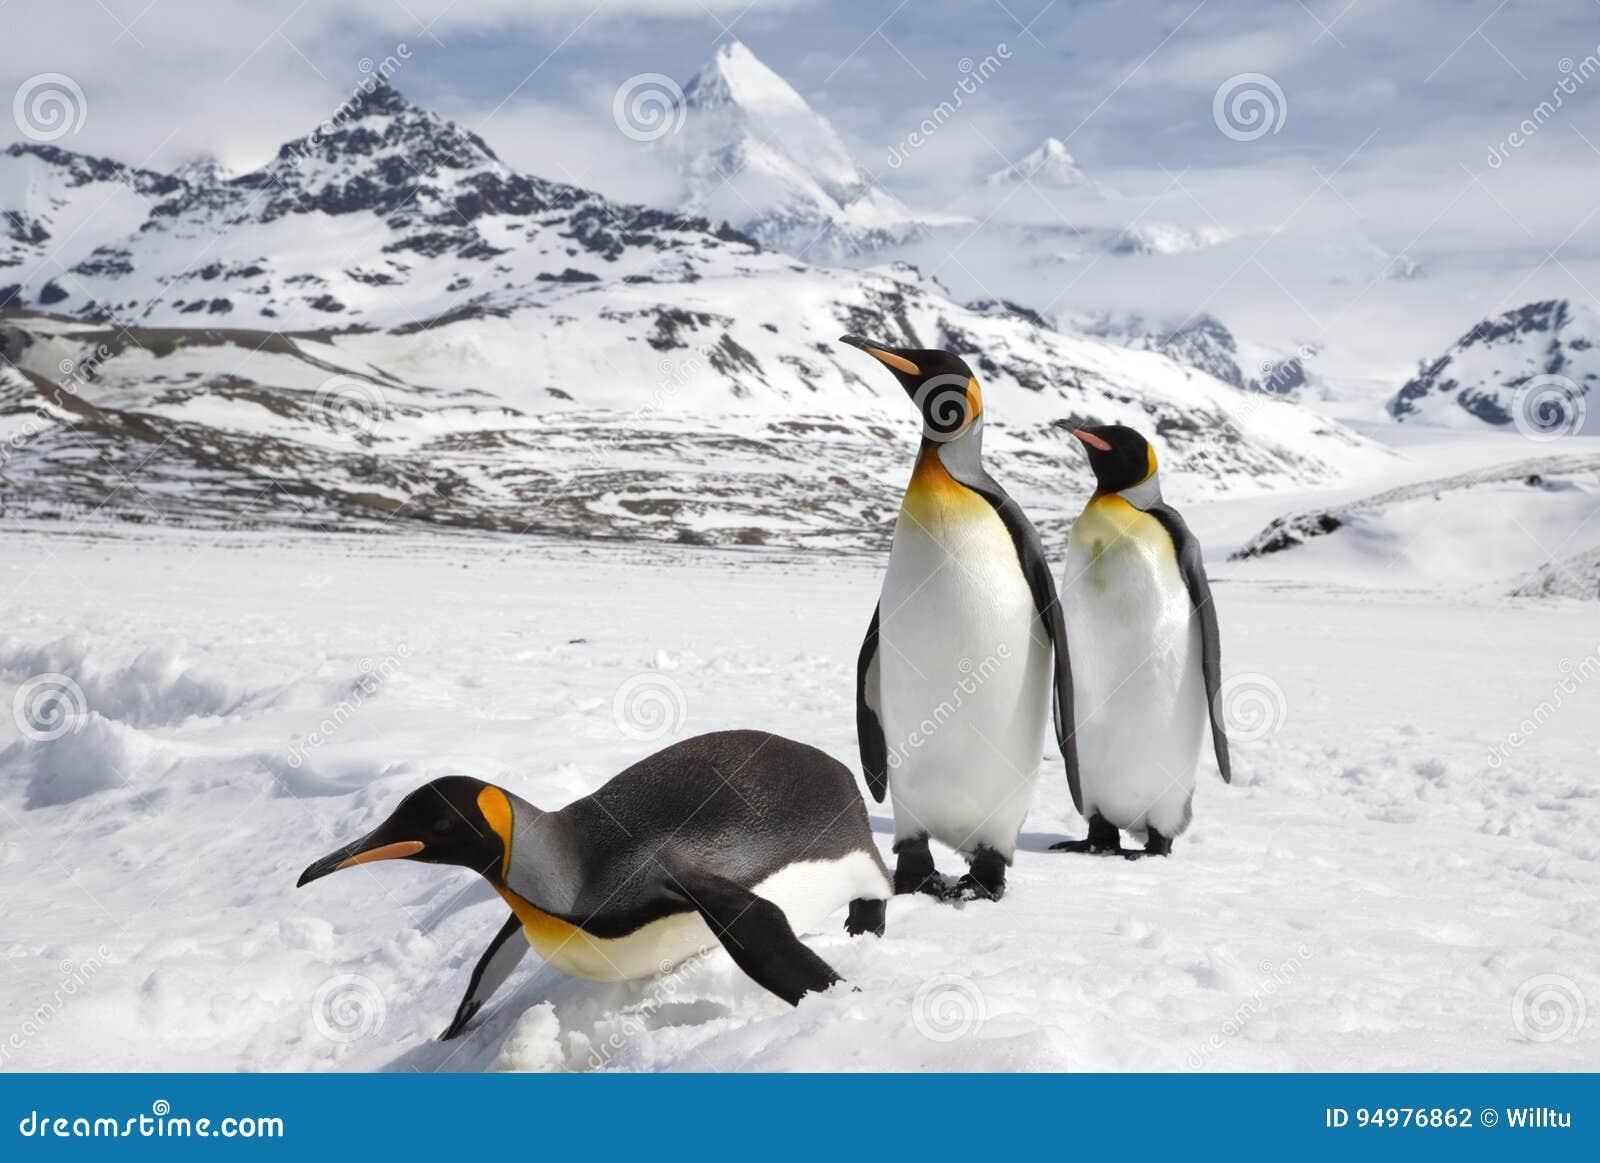 Βασιλιάς τρία penguins στο χιόνι στο νησί της νότιας Γεωργίας